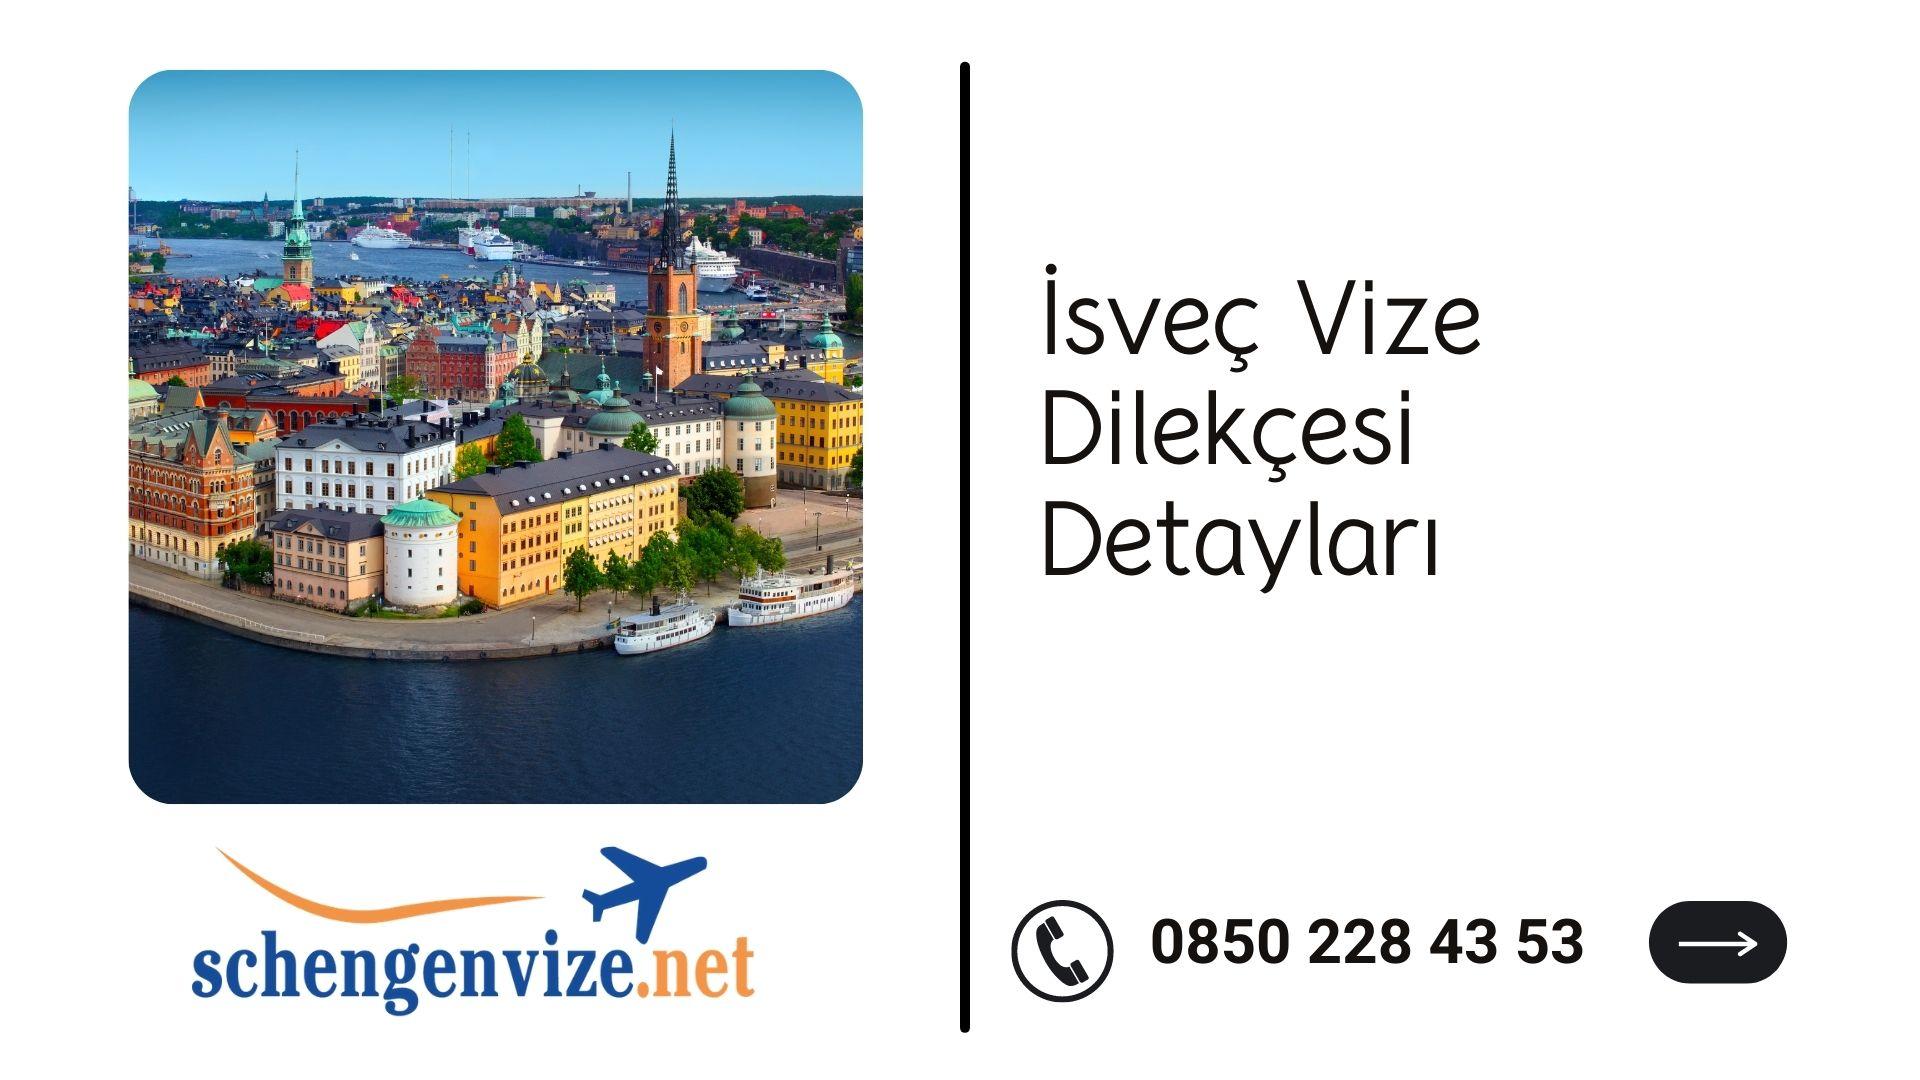 İsveç Vize Dilekçesi Detayları